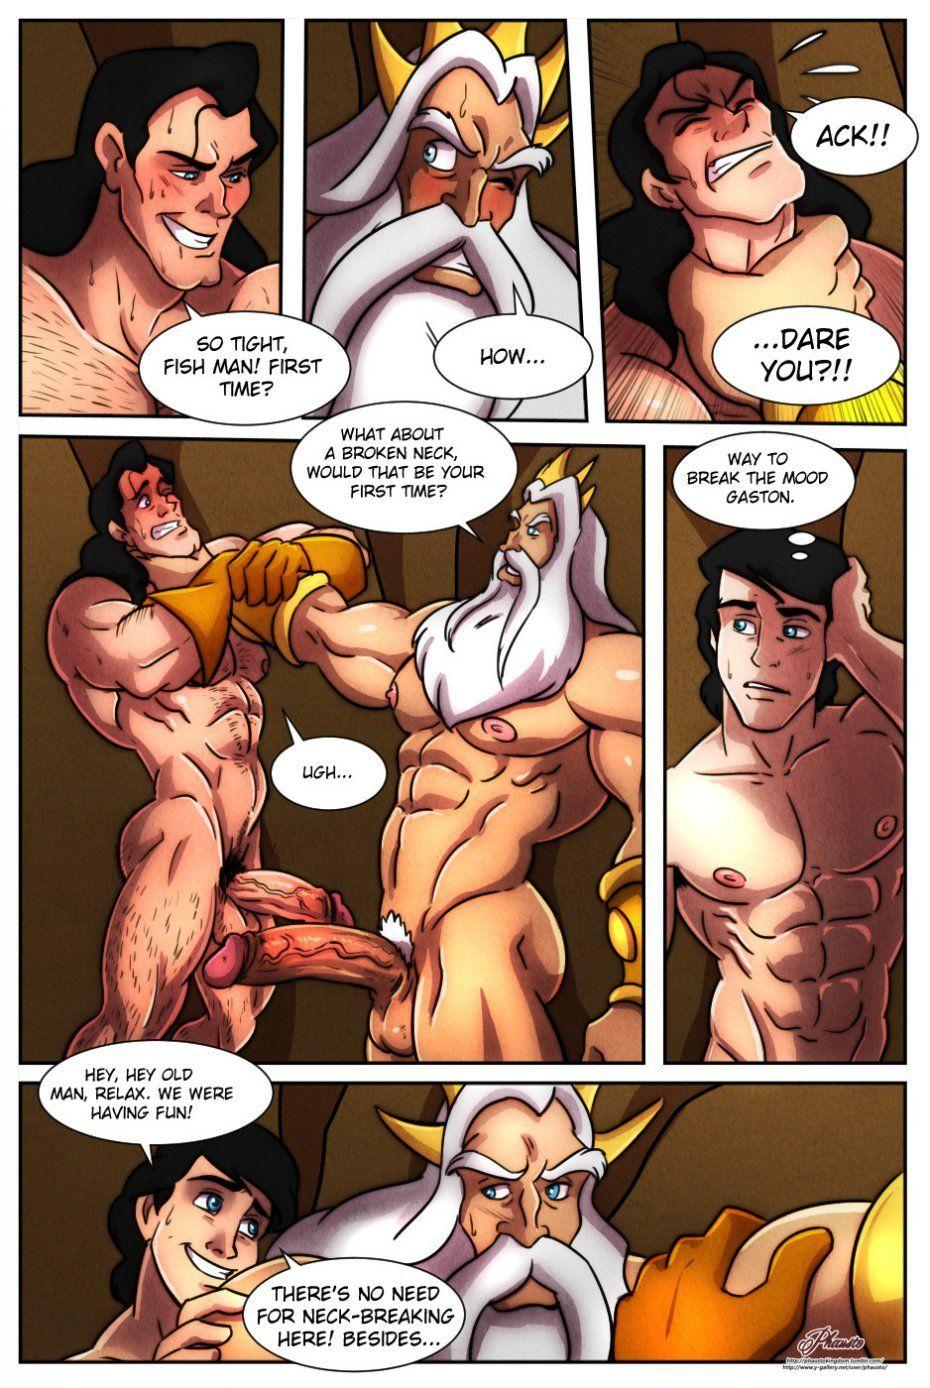 Hentaihome-Os-machos-da-Disney-pornô-gay-20